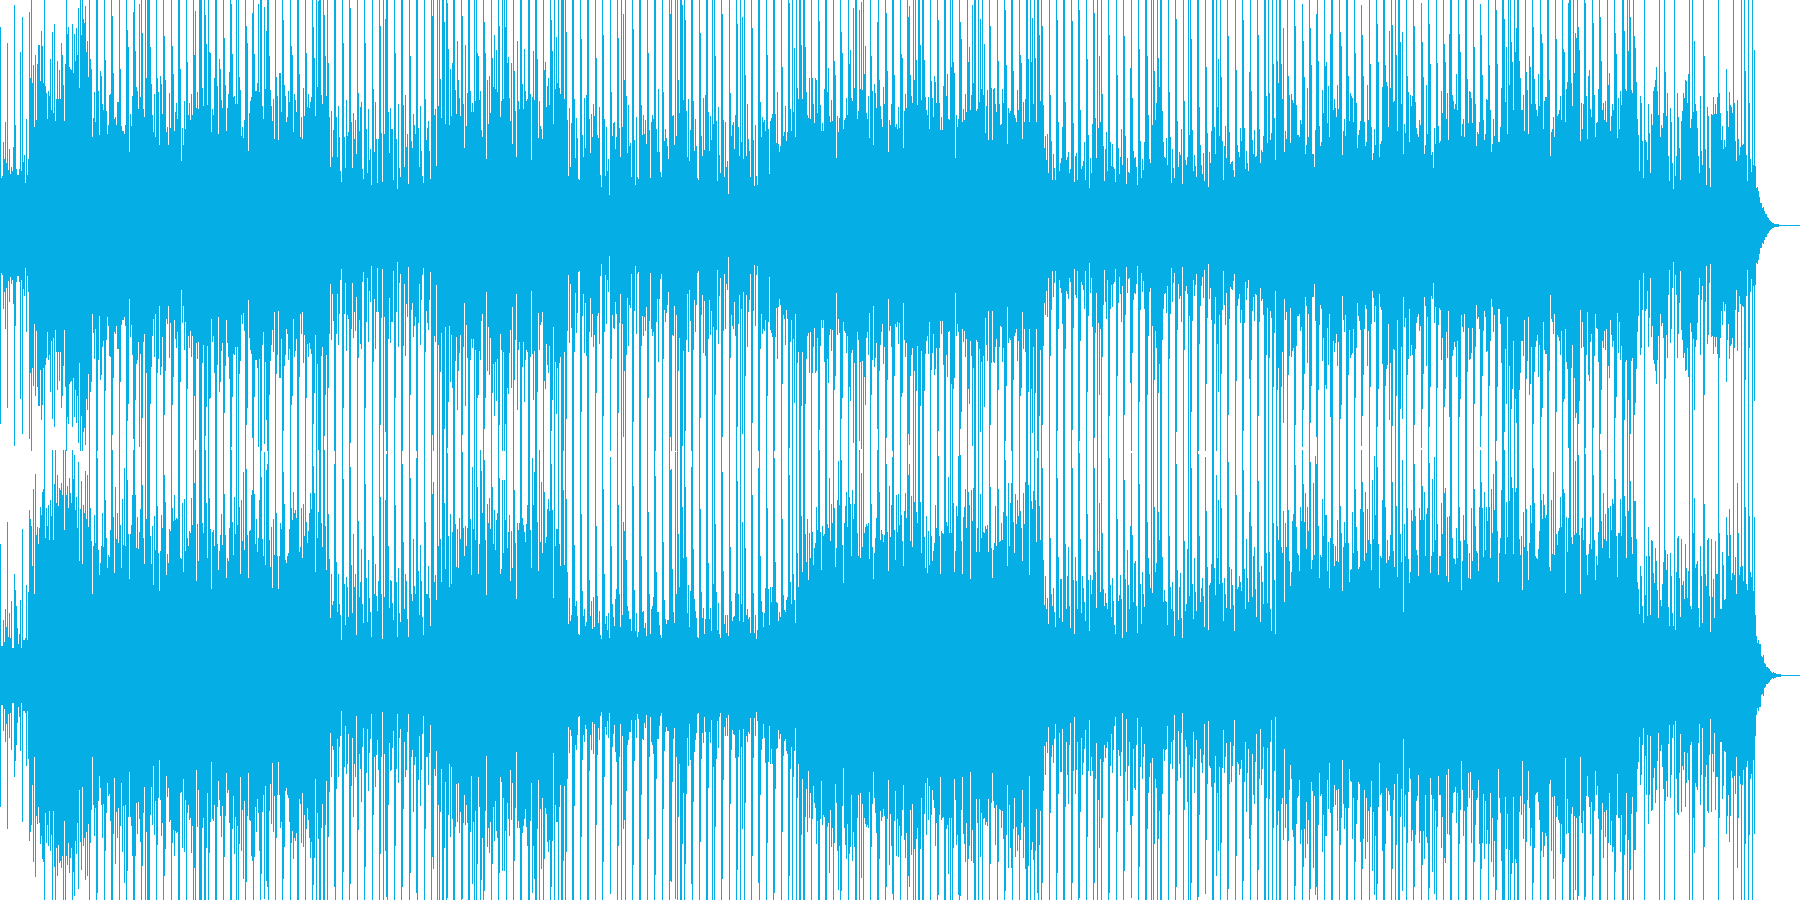 不思議なリズムとコード感のBGMの再生済みの波形